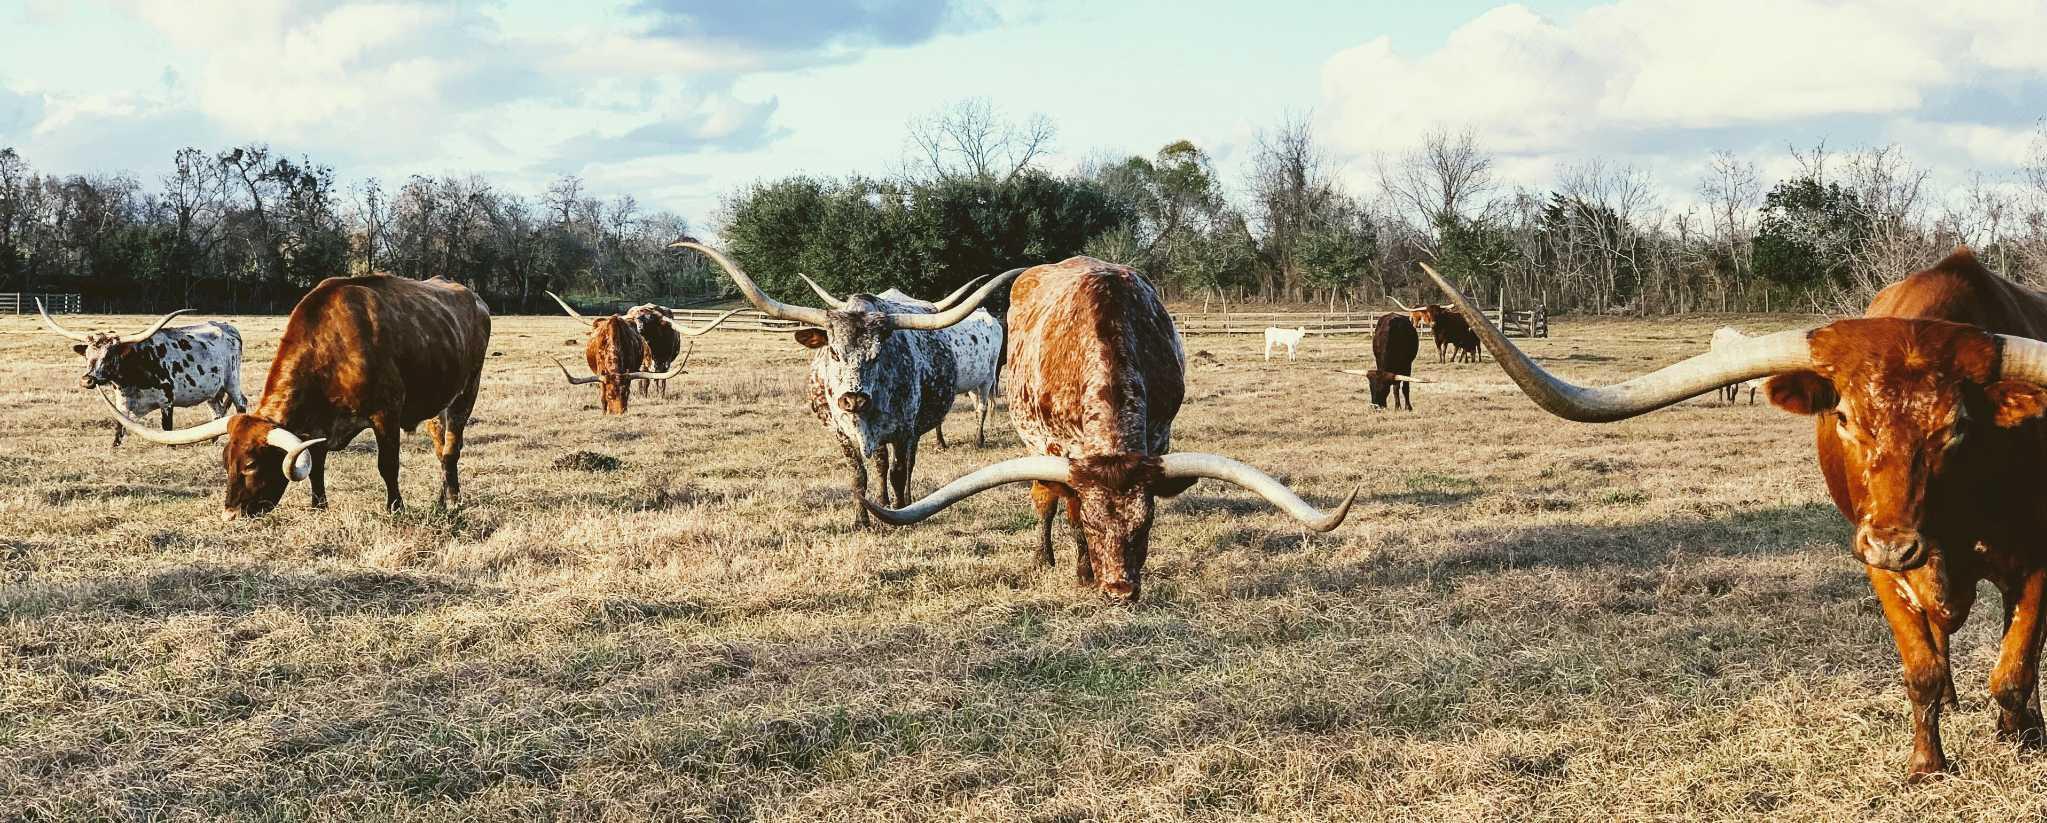 Texas longhorns Vivian Arcidiacono